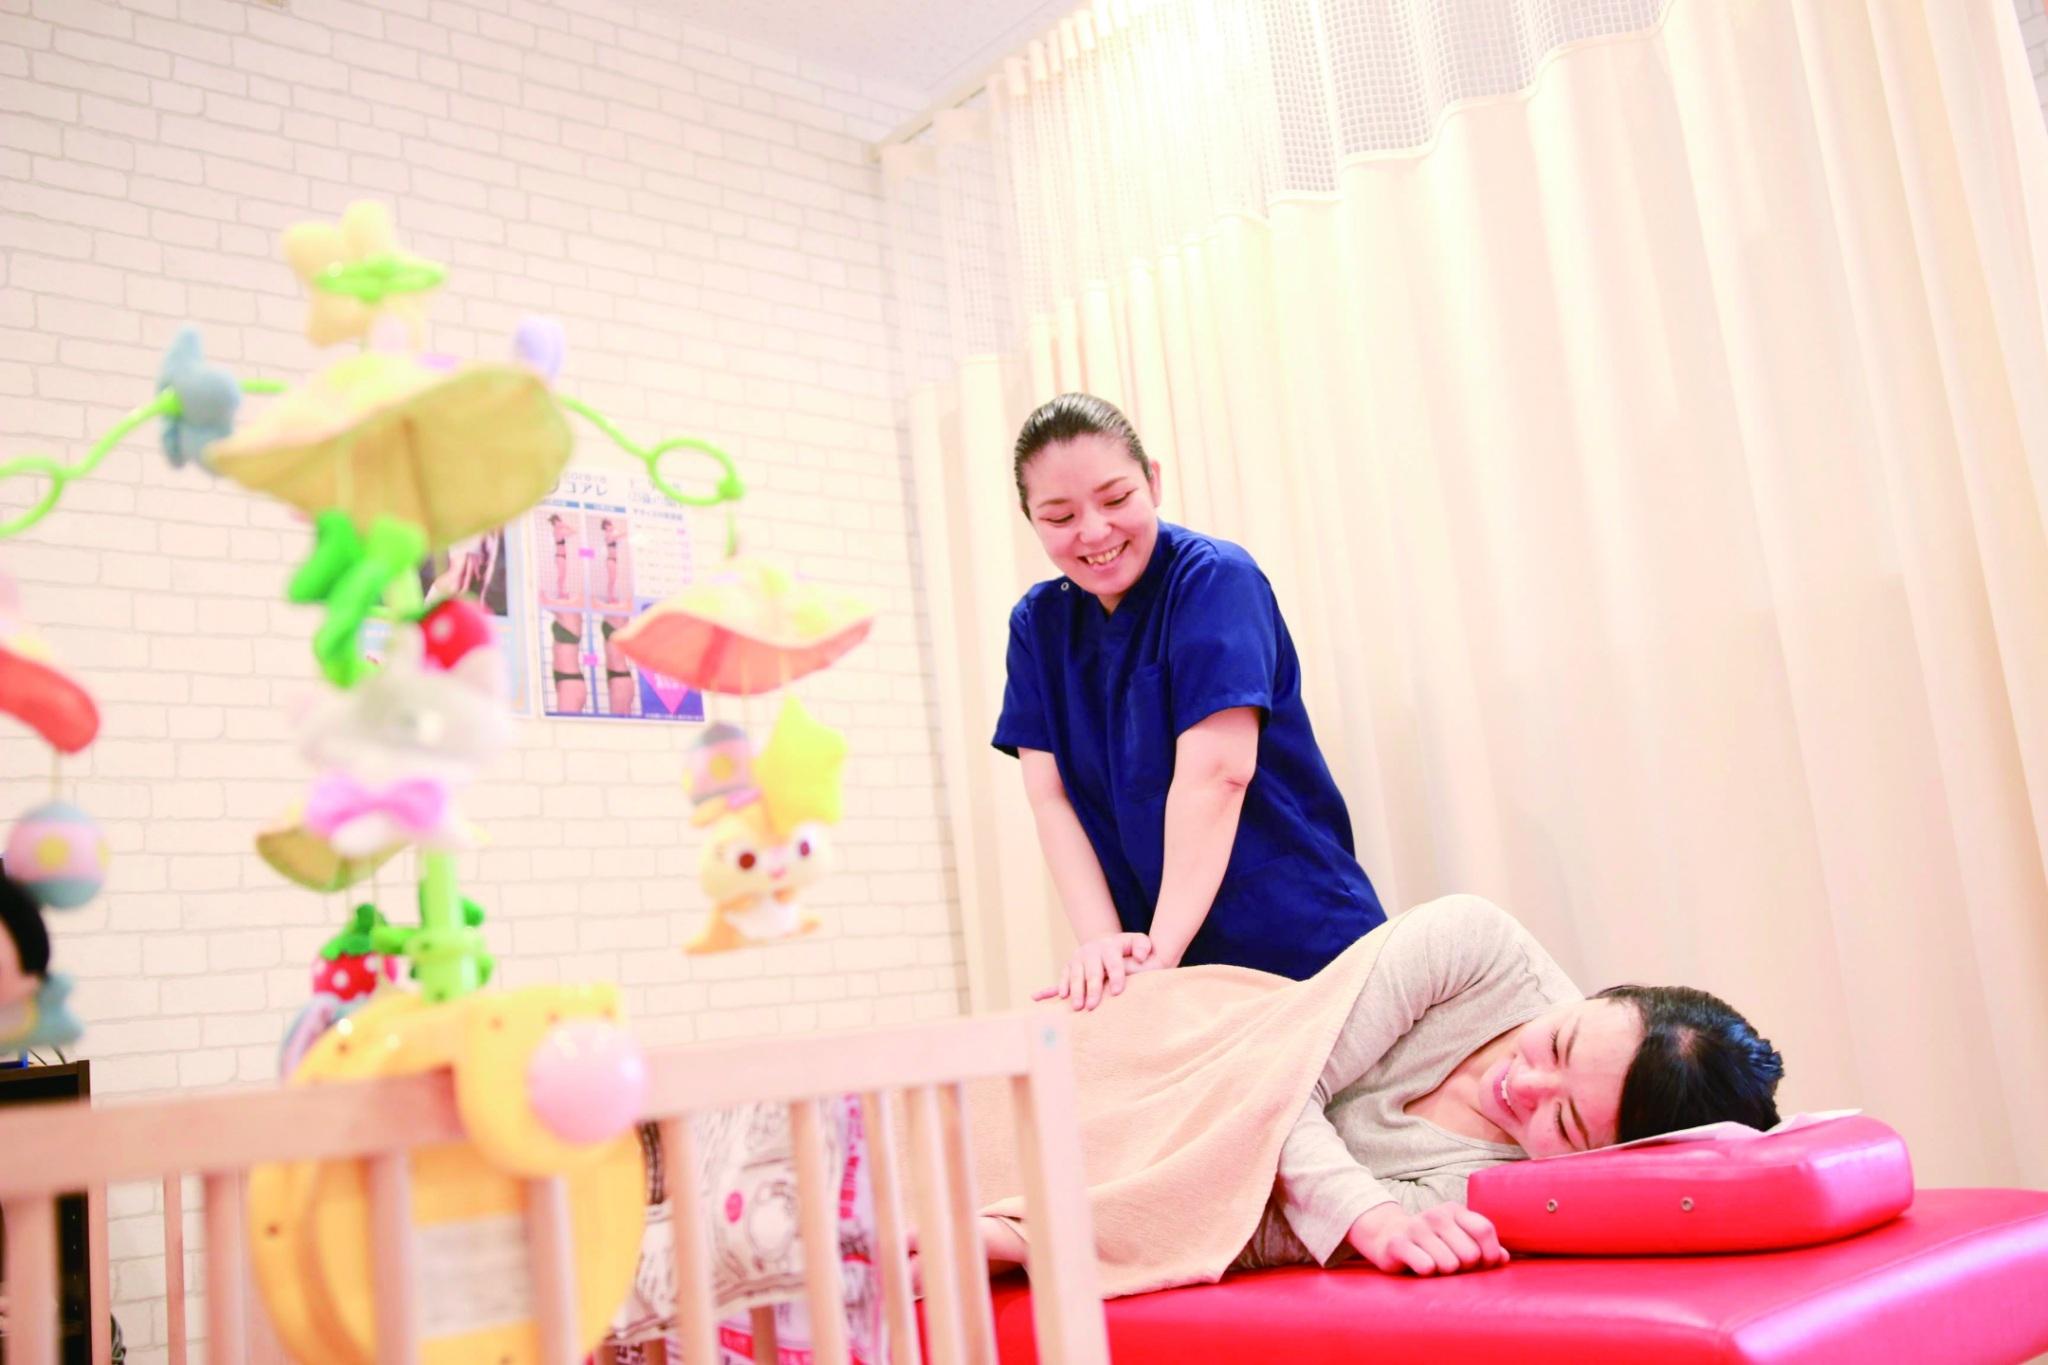 産後の骨盤施術に自信があります